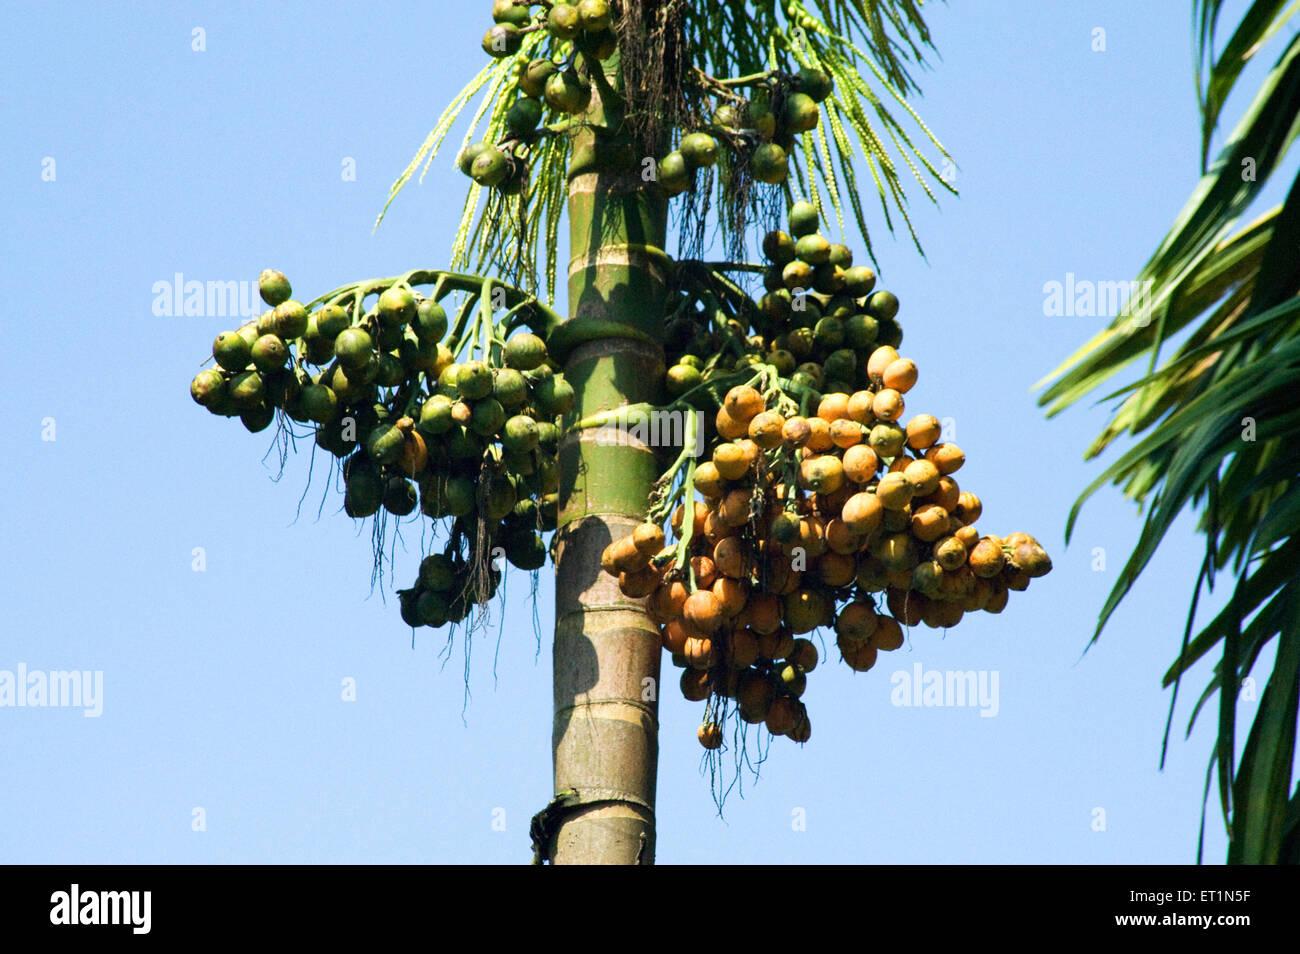 Betel nut on tree ; Karnataka ; India - Stock Image